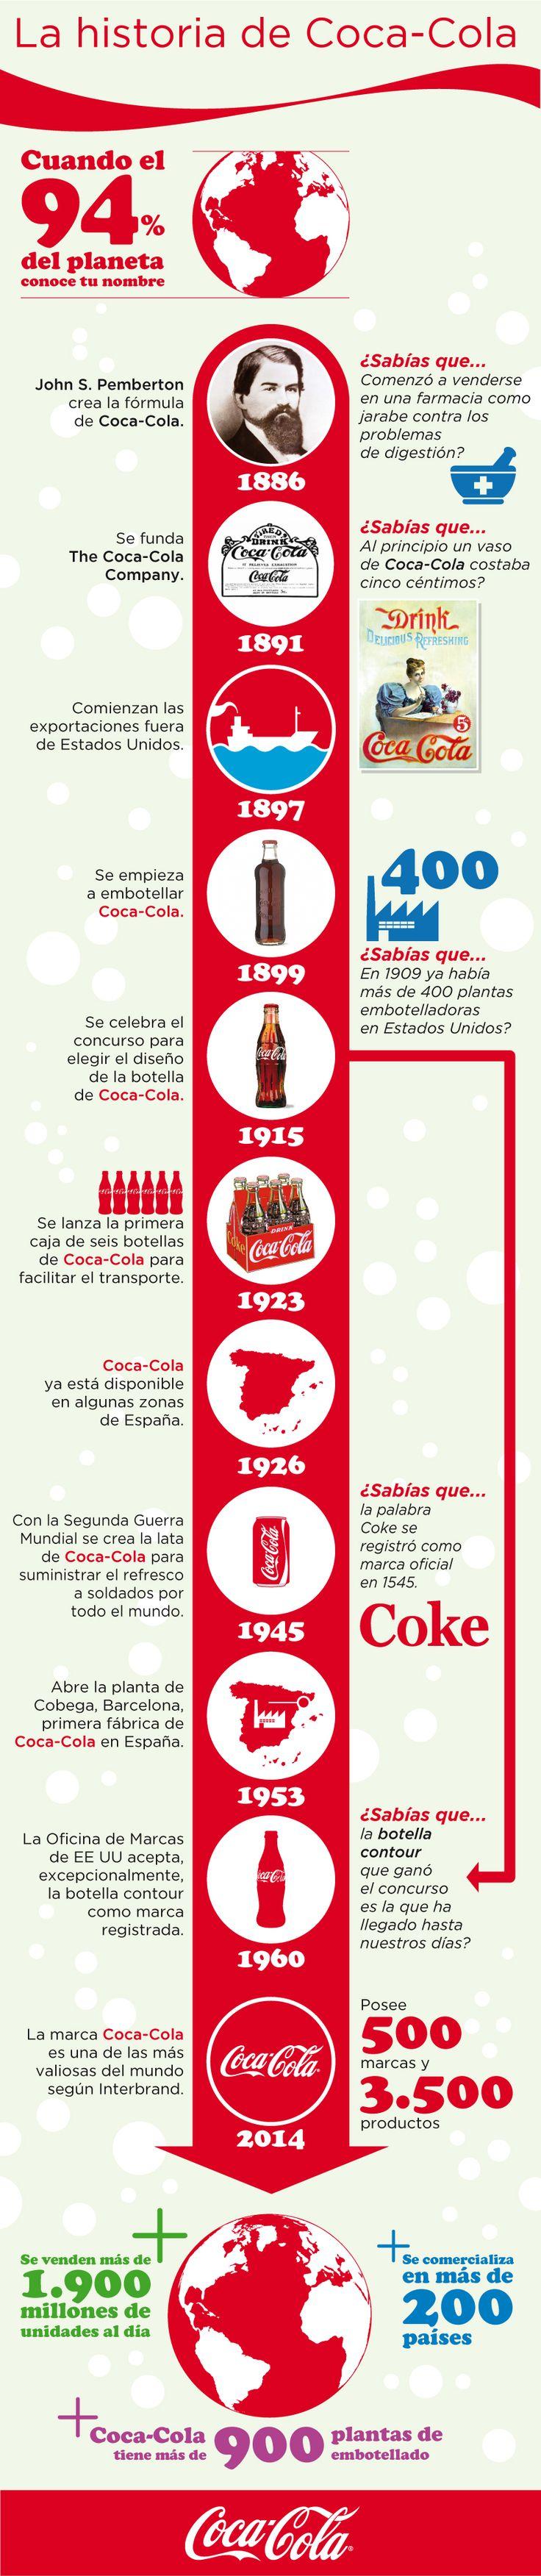 La historia de Coca-Cola: fue en una farmacia de Atlanta durante la primavera del 86. De 1886. John Pemberton perfeccionaba la fórmula de un jarabe para los problemas de digestión y acabó inventando Coca-Cola, la bebida que hoy en día conoce el 94% de los habitantes del planeta. | #Coke #CocaCola #contour